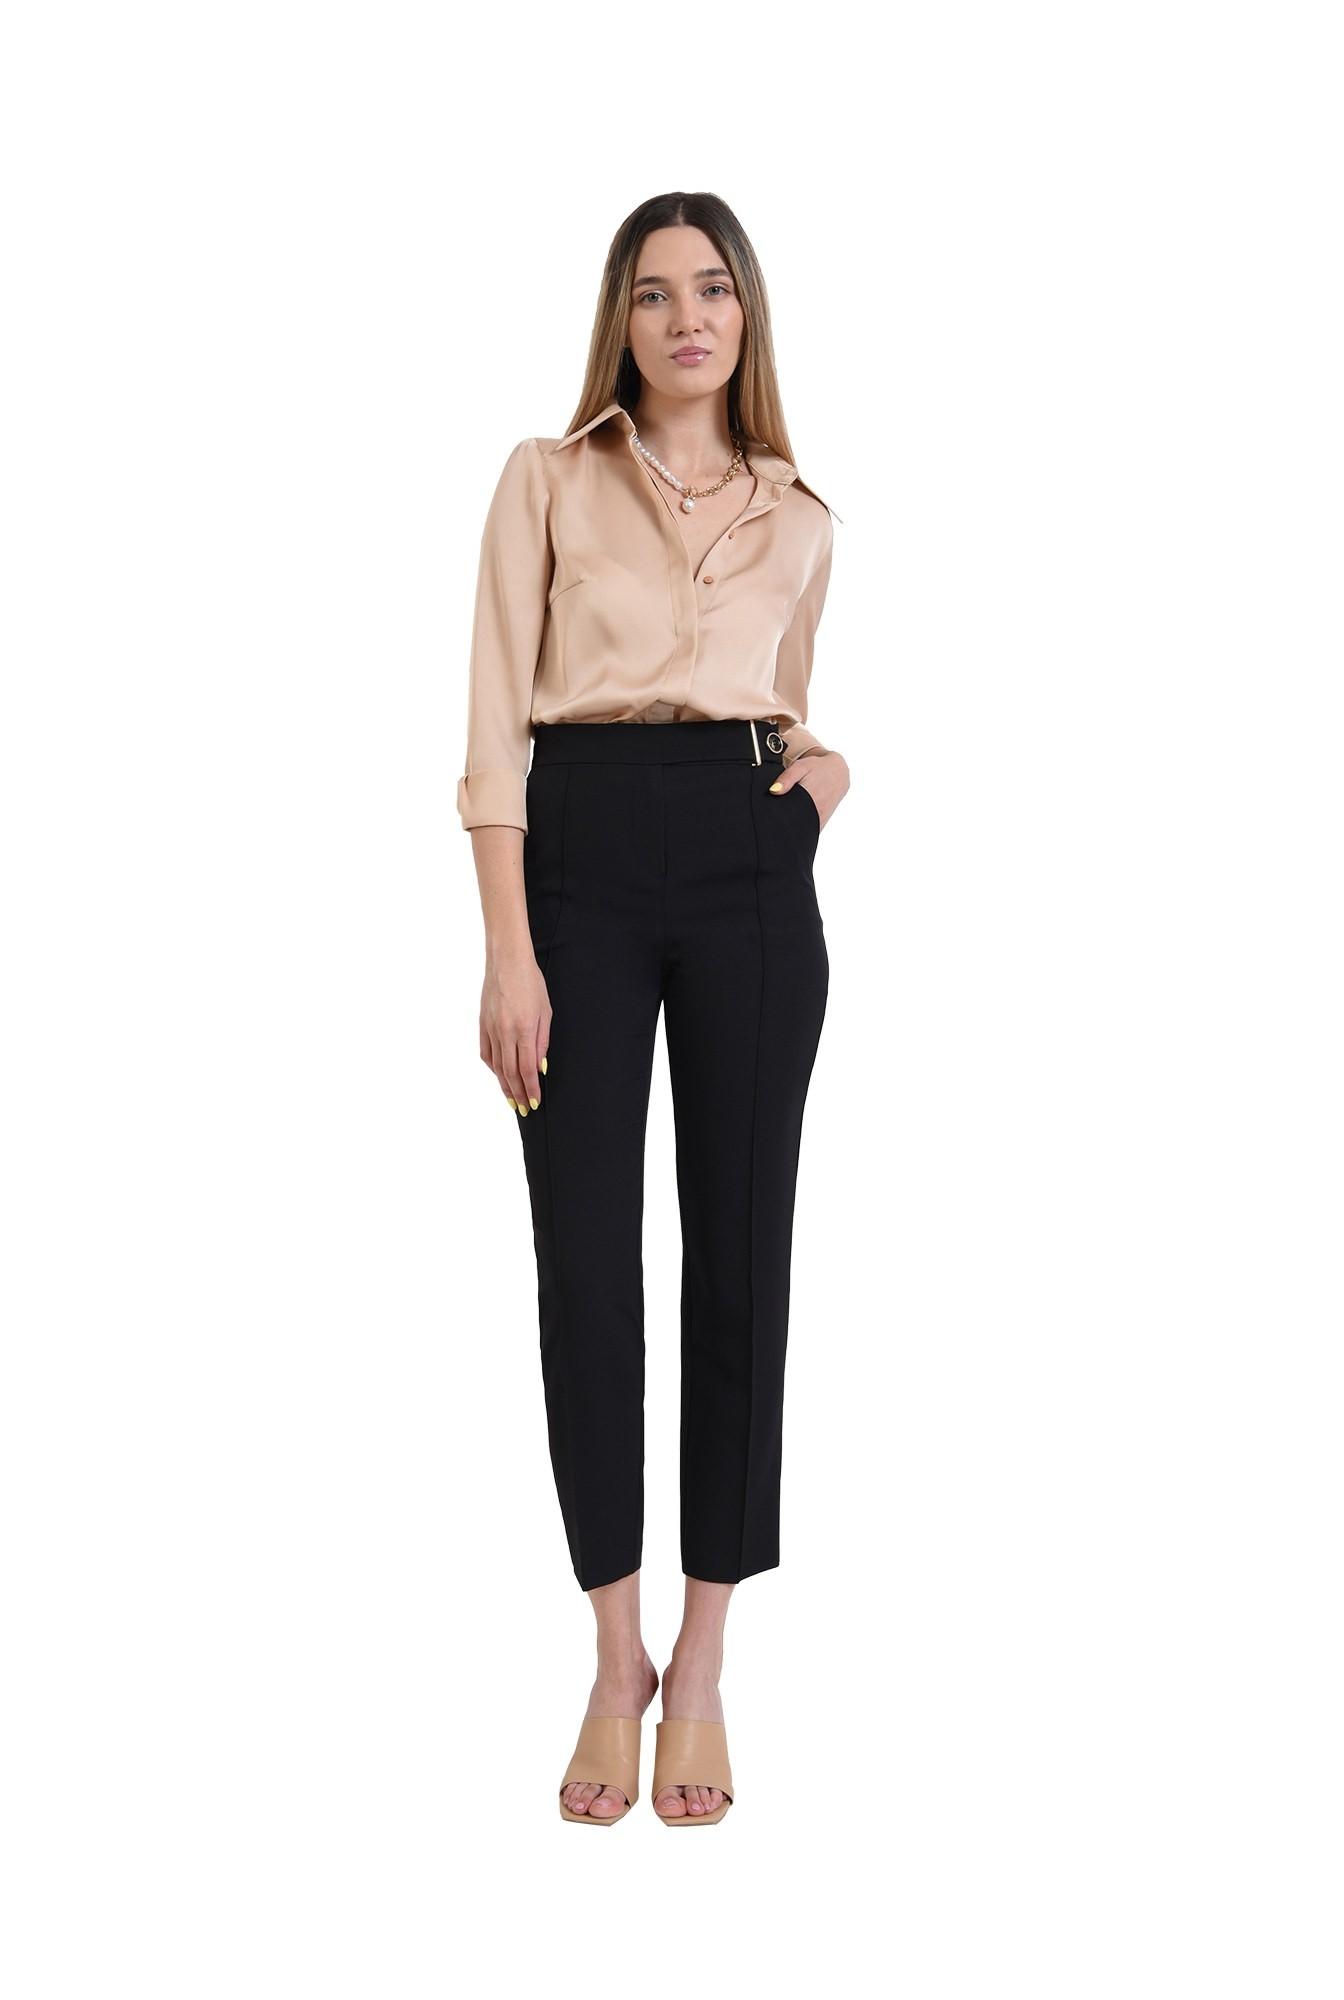 3 - pantaloni tigareta, negri, conici, cu buzunare